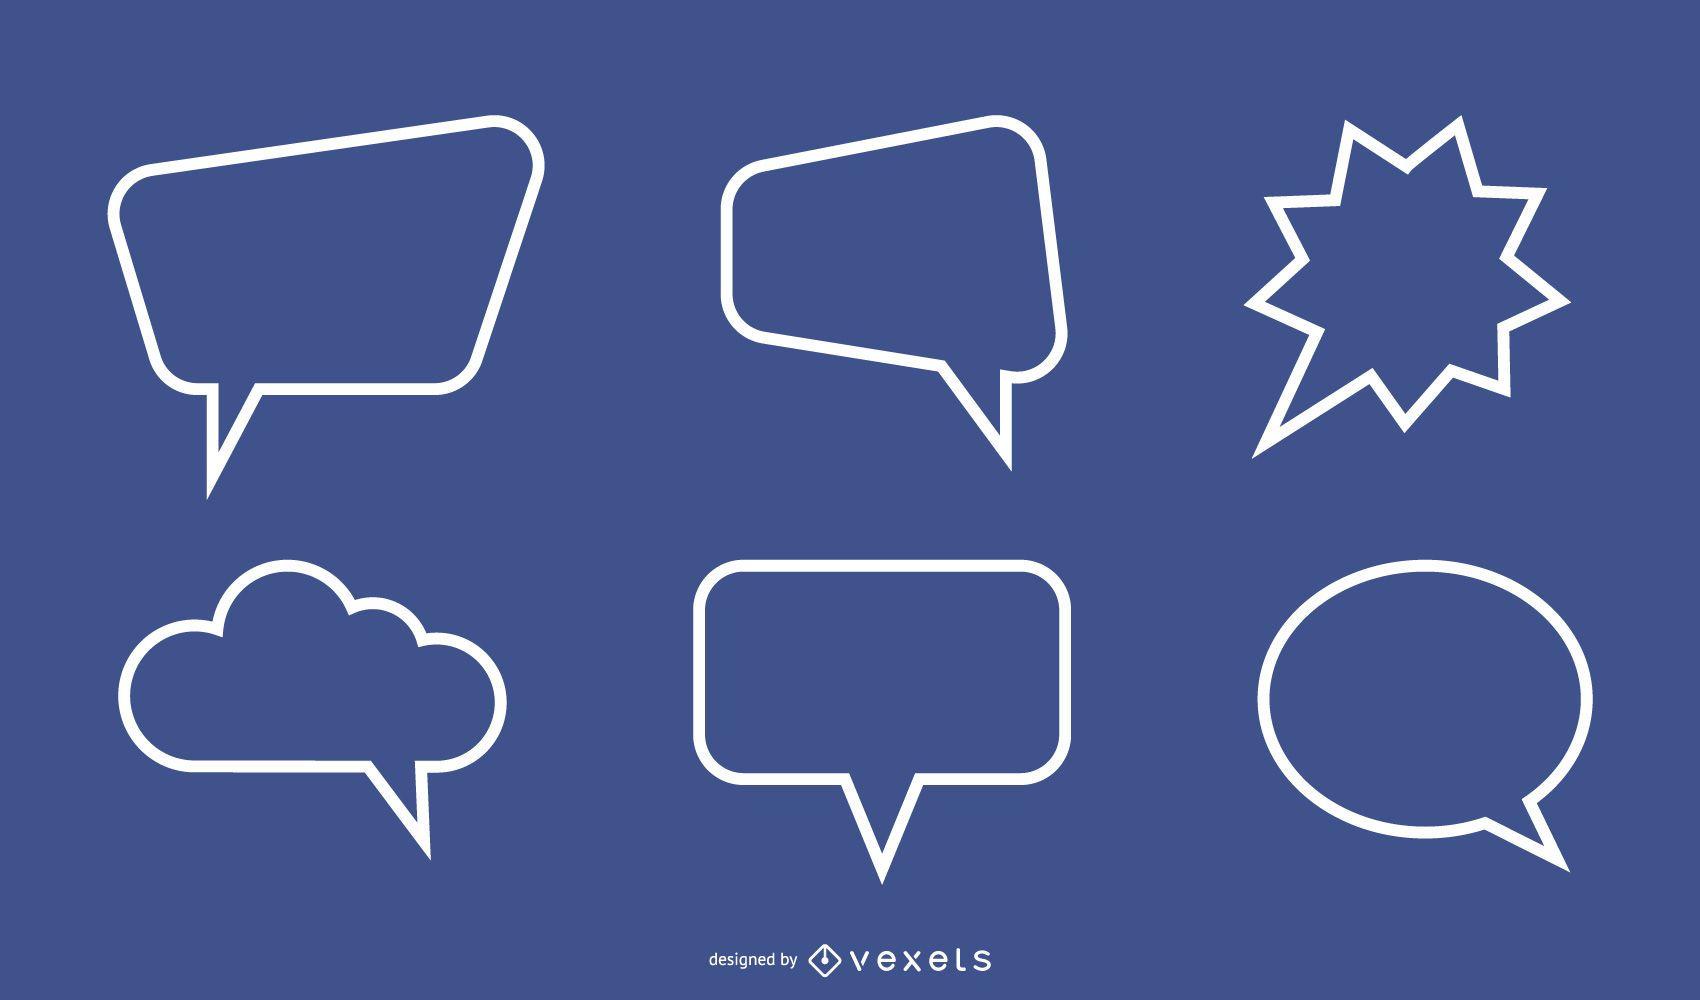 Cuadro de diálogo de texto 03 Vector